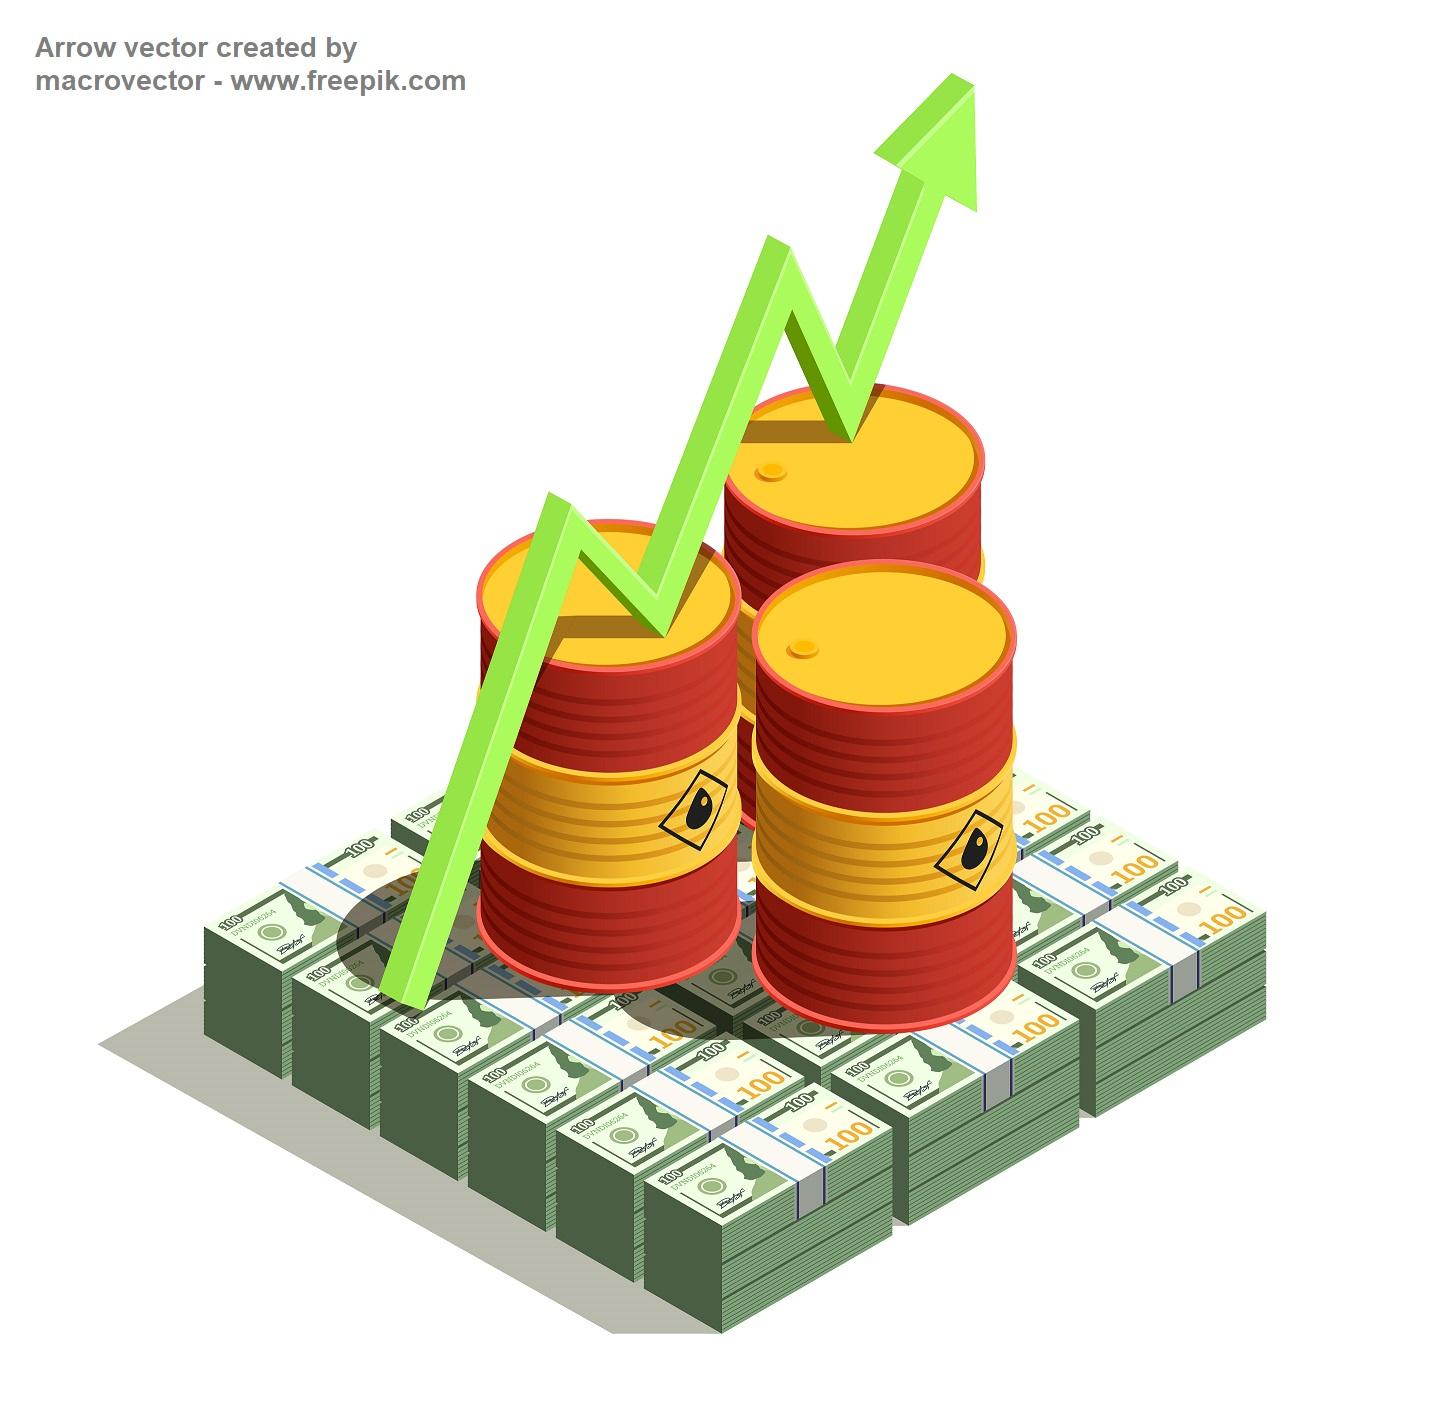 Goldman Sachs คาดว่าราคาน้ำมันจะอยู่ในระดับสูงอีกหลายปี